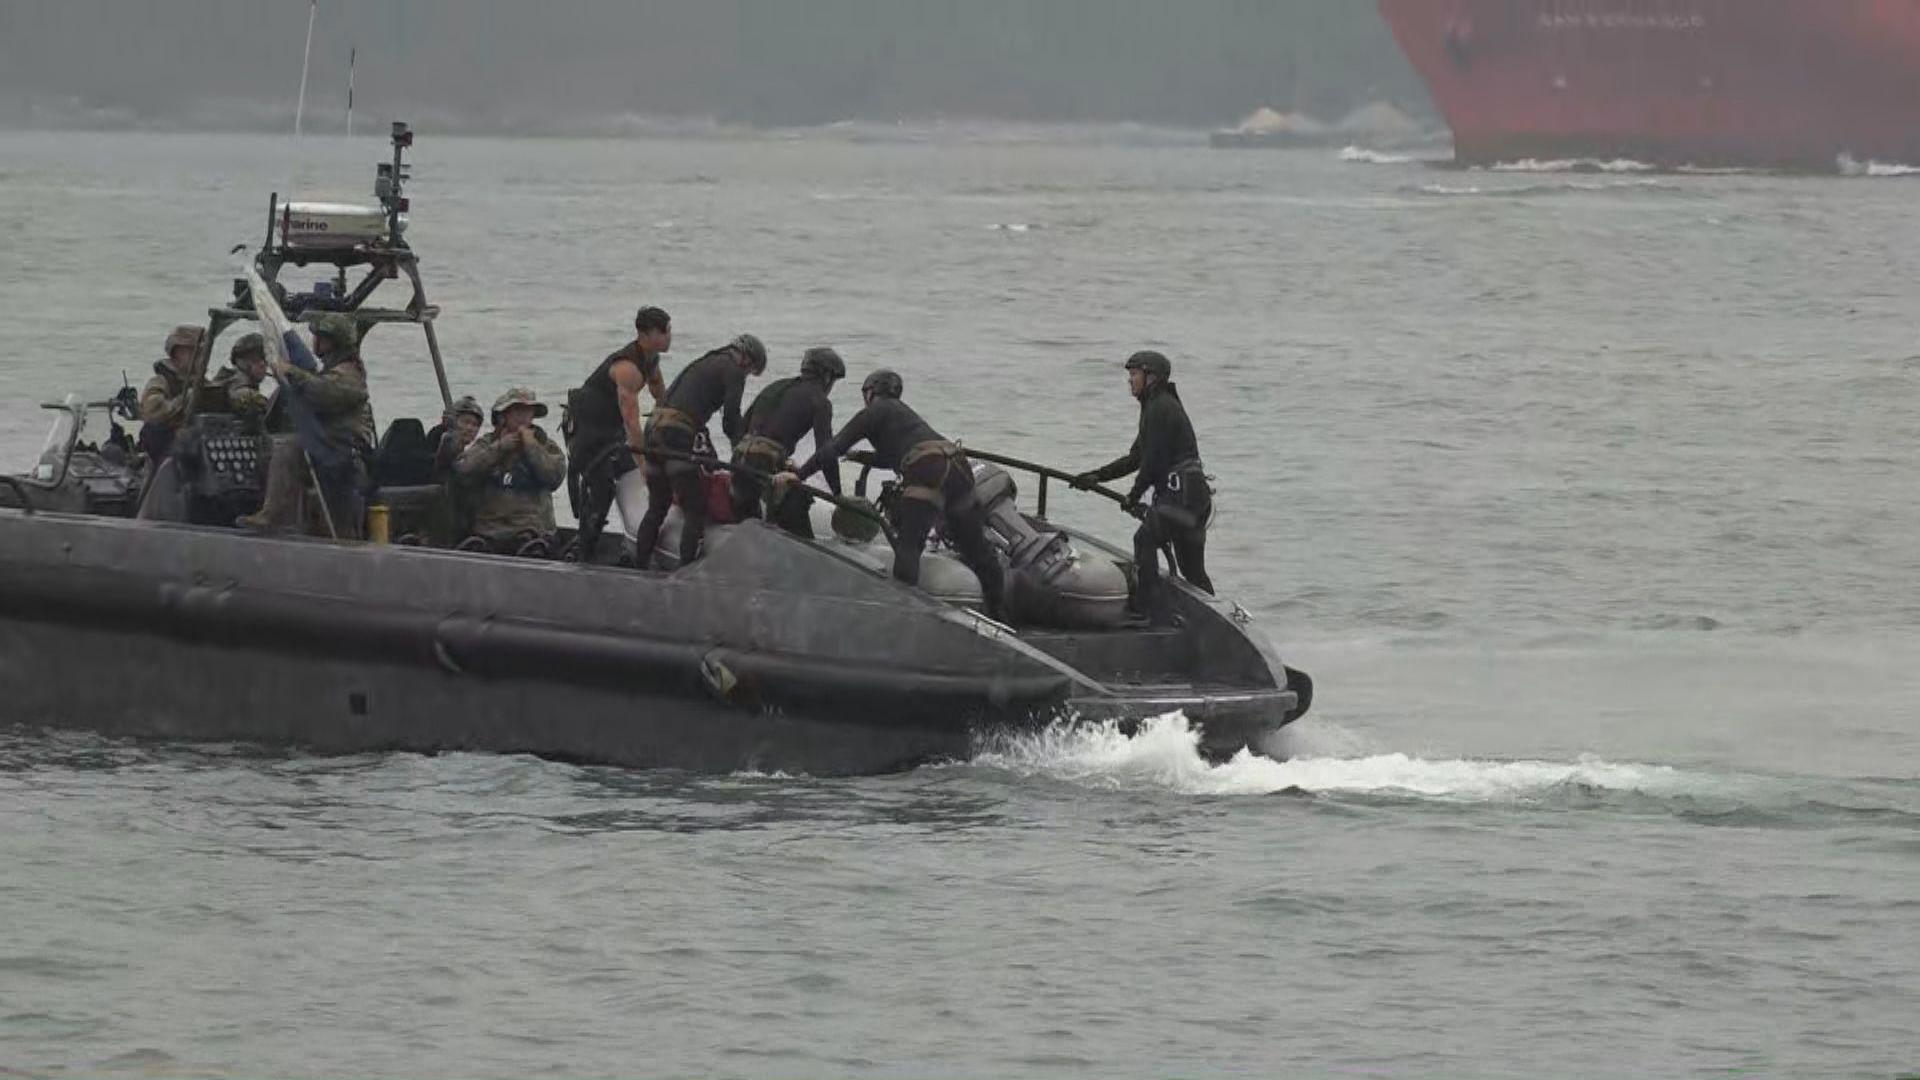 男子疑因金錢糾紛弒父棄屍香港仔海面